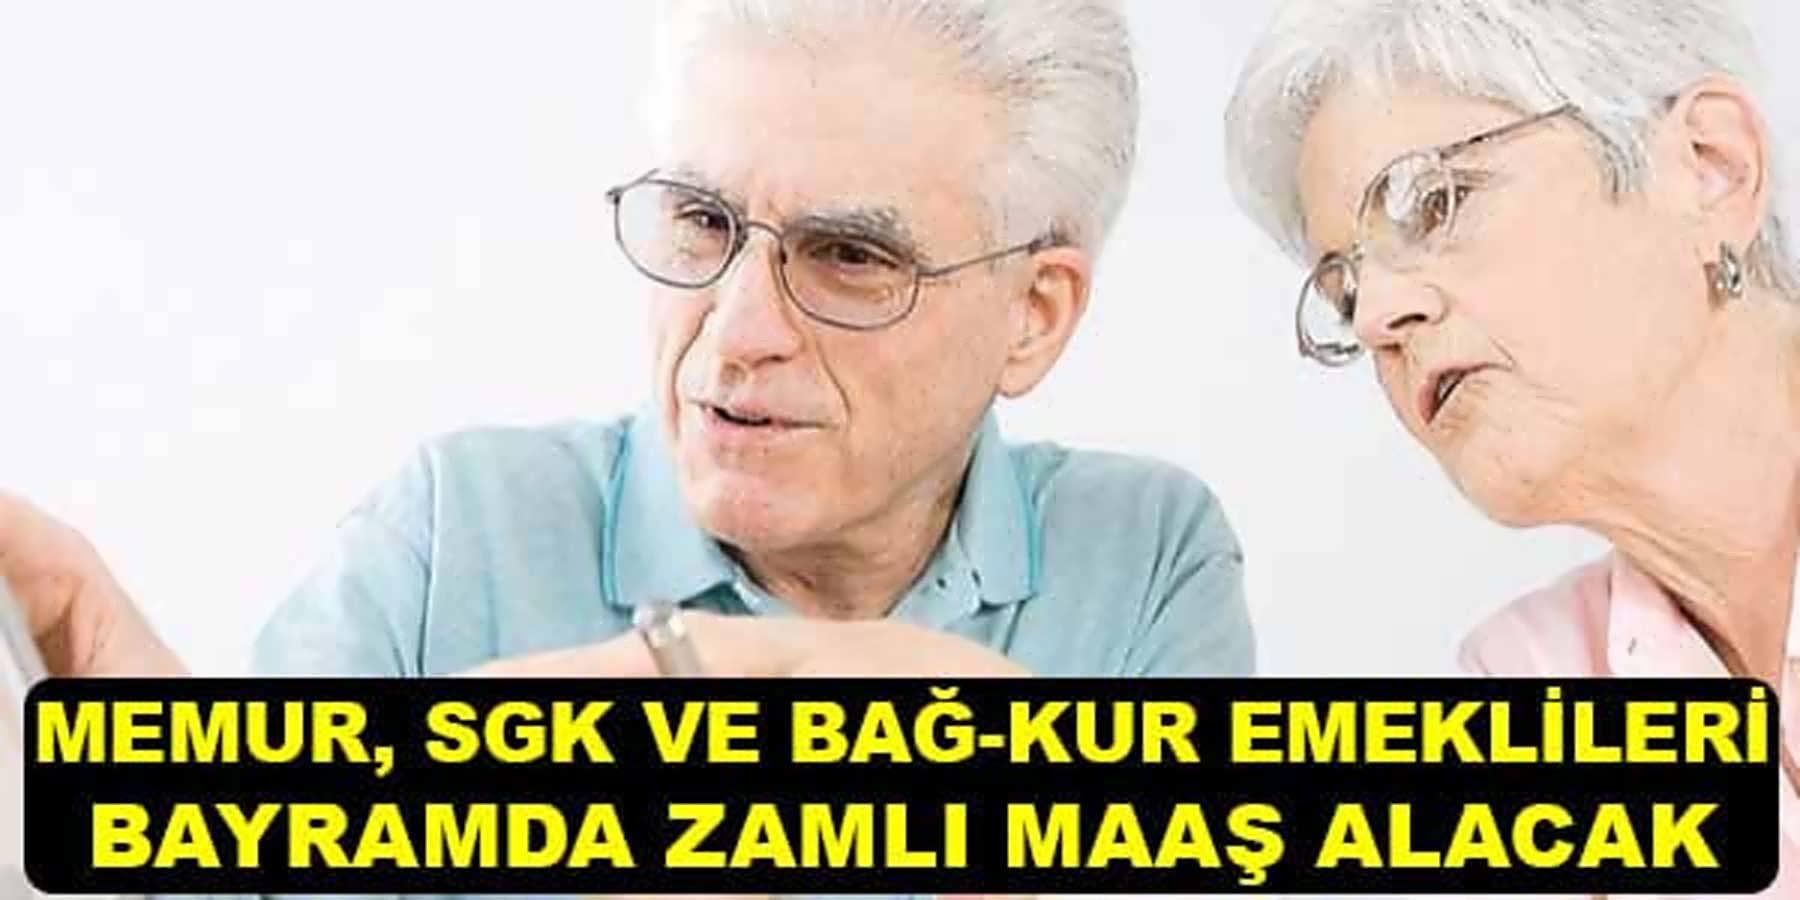 Memur Emekli SGK ve Bağ-Kur Emeklisi Bayramda Zamlı Maaş Alacak